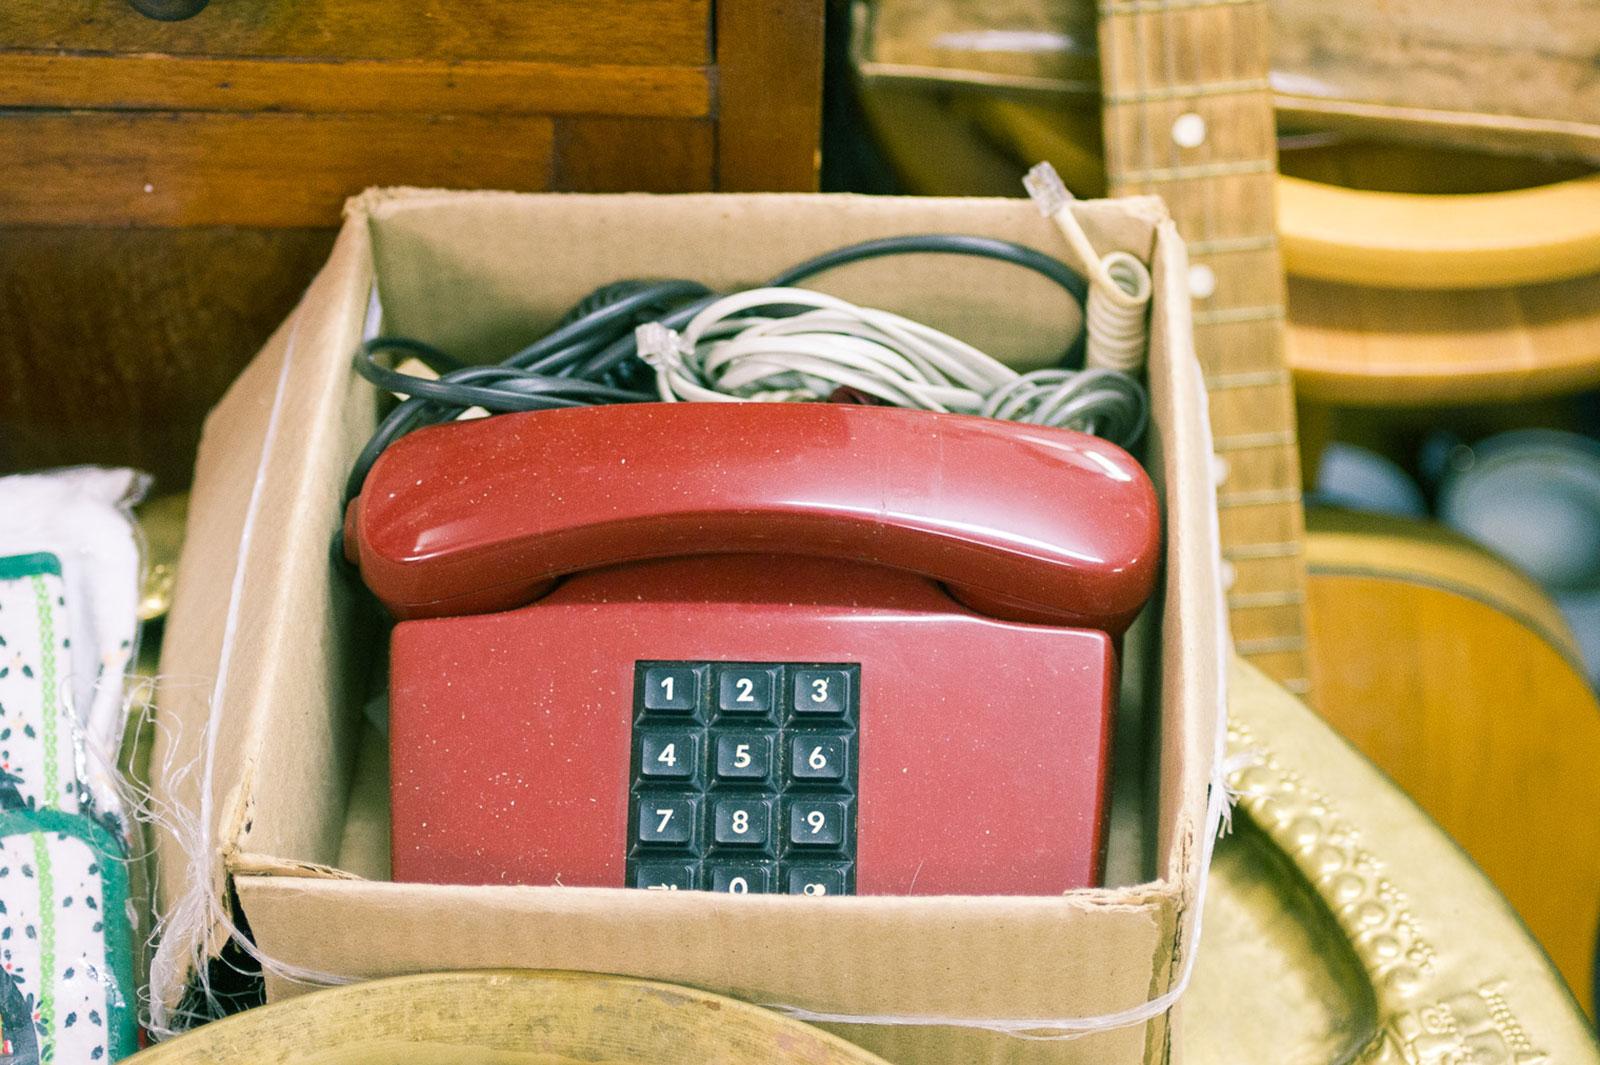 Телефон отдают, по словам продавцов, почти бесплатно. А стоил он 140 рублей, как чья-то зарплата. Сохранились даже ценник и чек